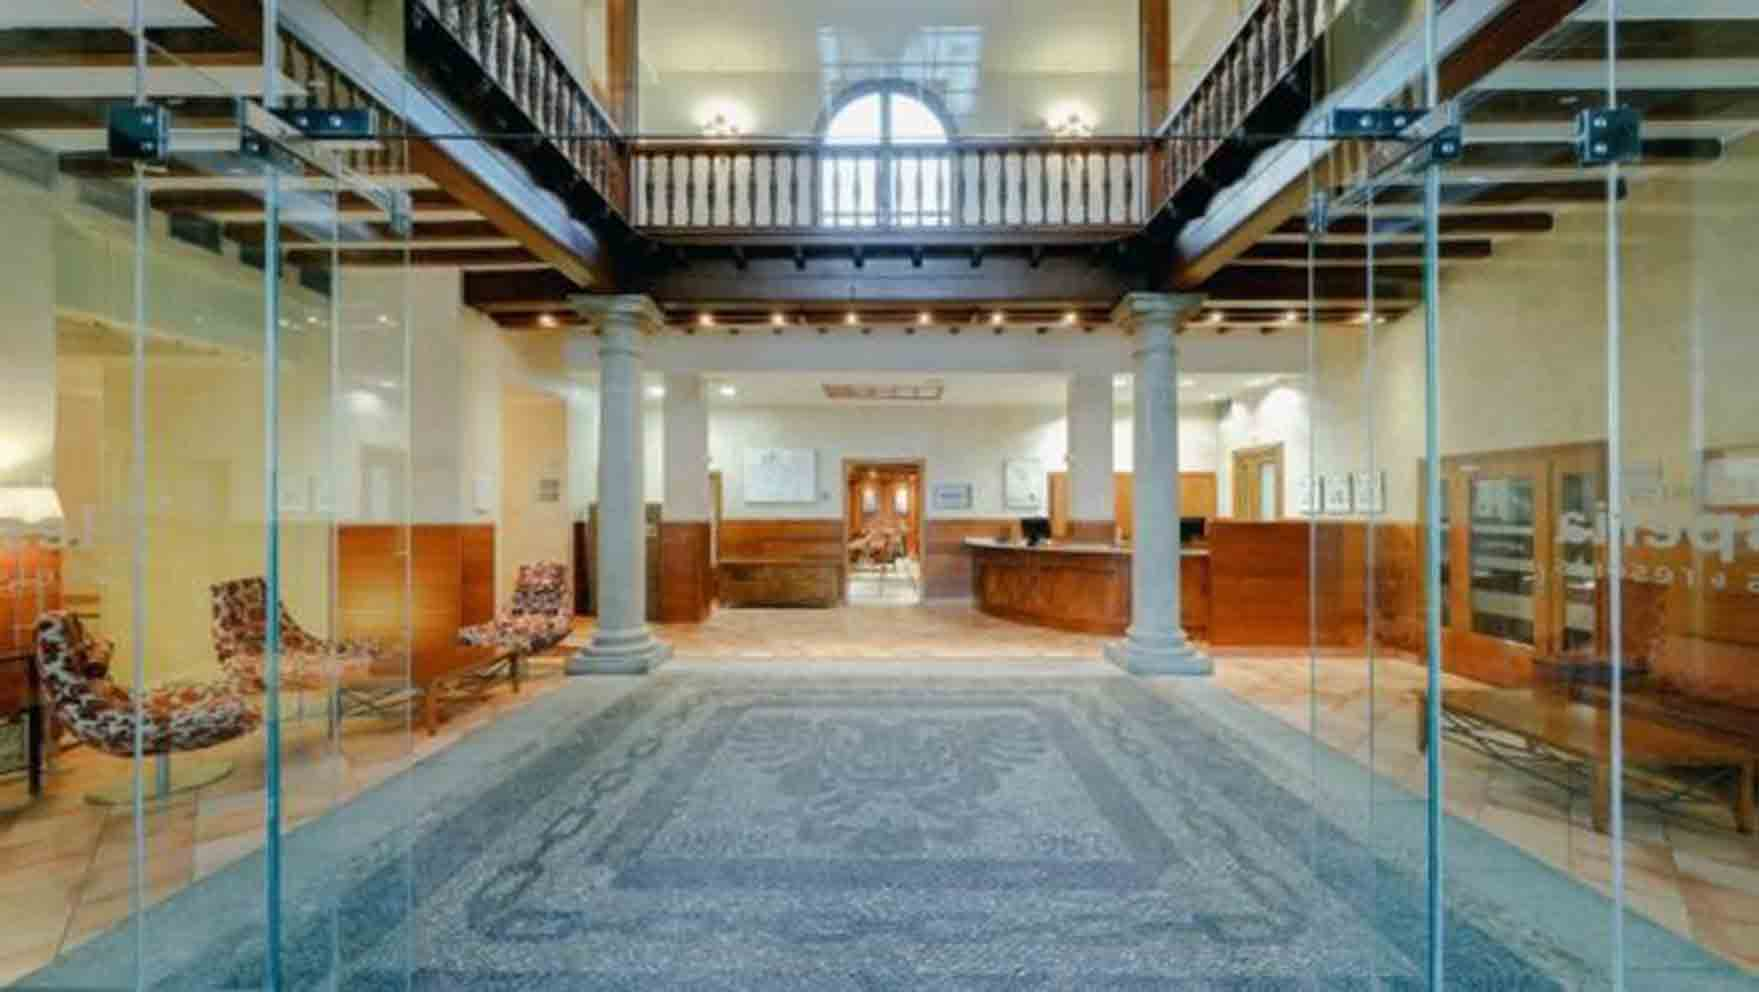 Sercotel va a gestionar un tercer hotel en Toledo, frente a la plaza de toros.